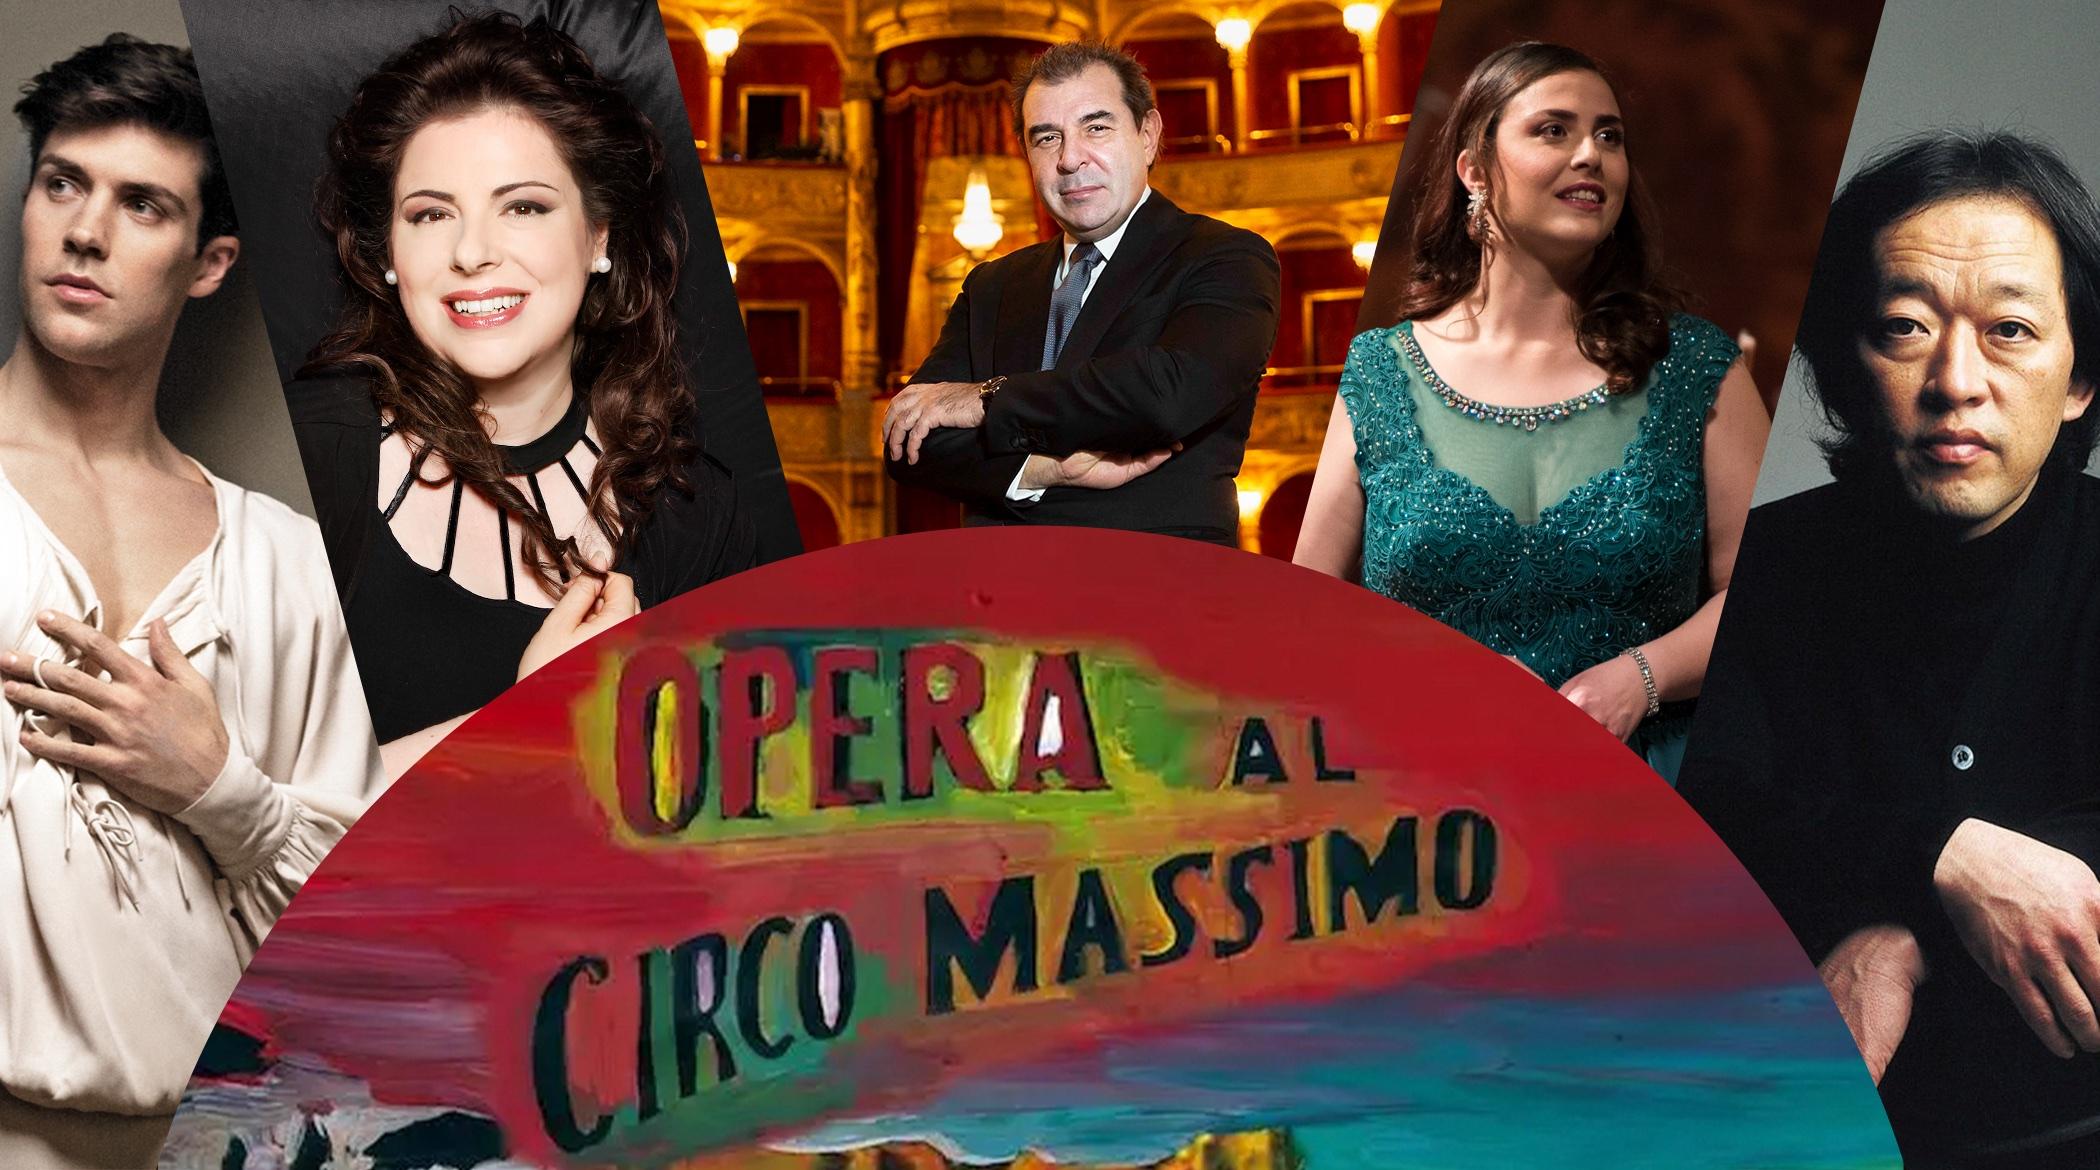 Circo Massimo 2021; Opera Roma;